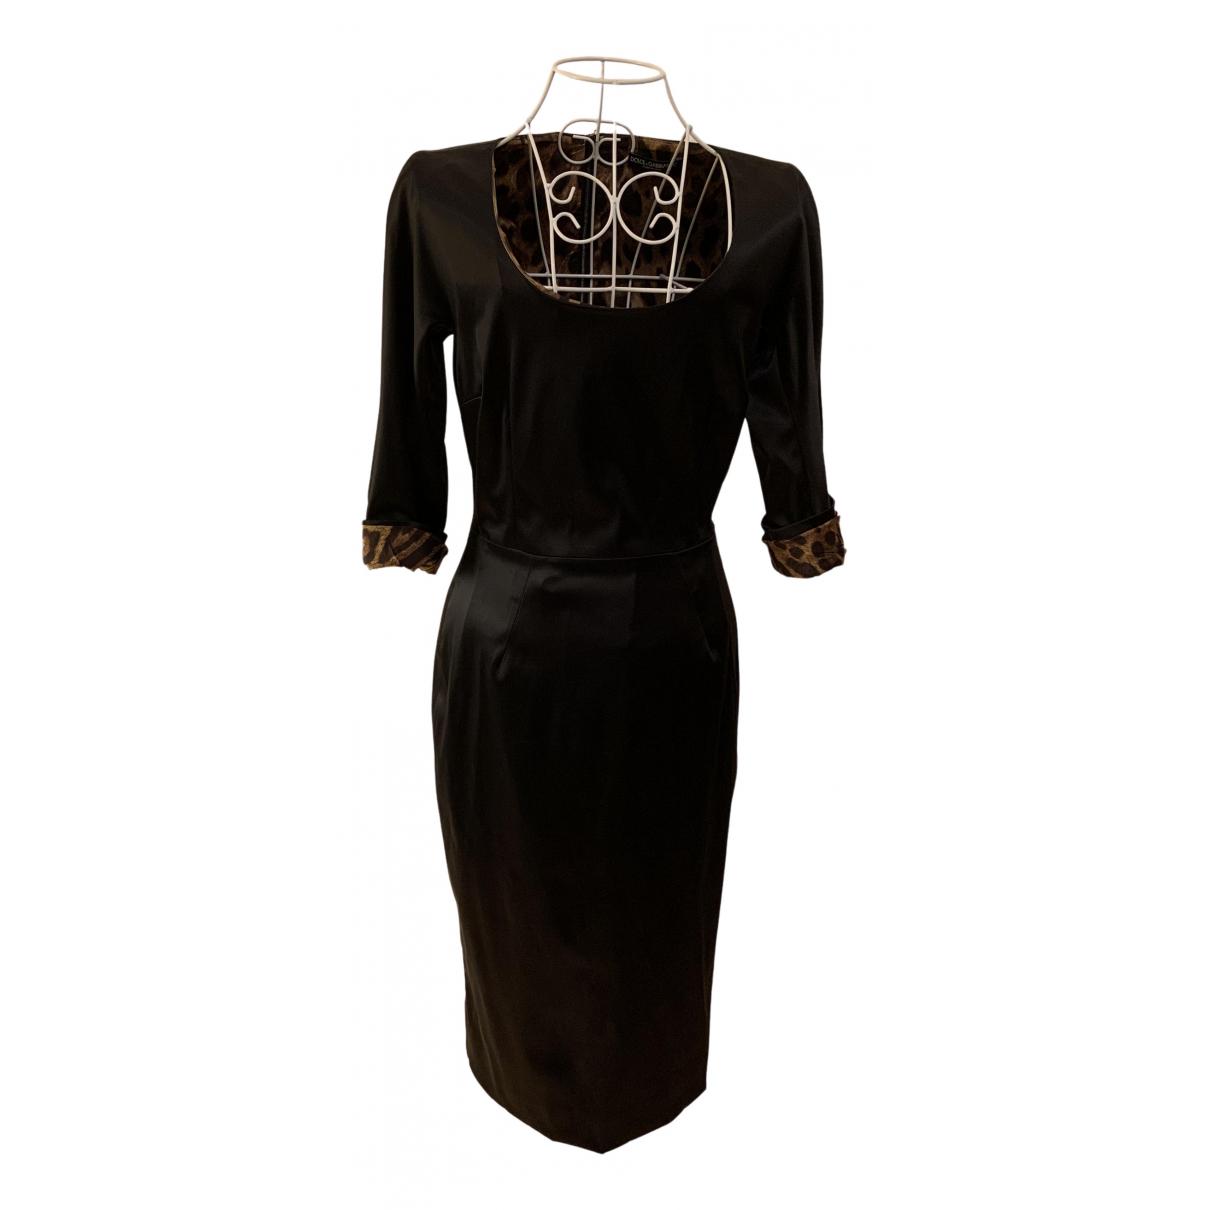 Dolce & Gabbana N Black dress for Women 44 IT